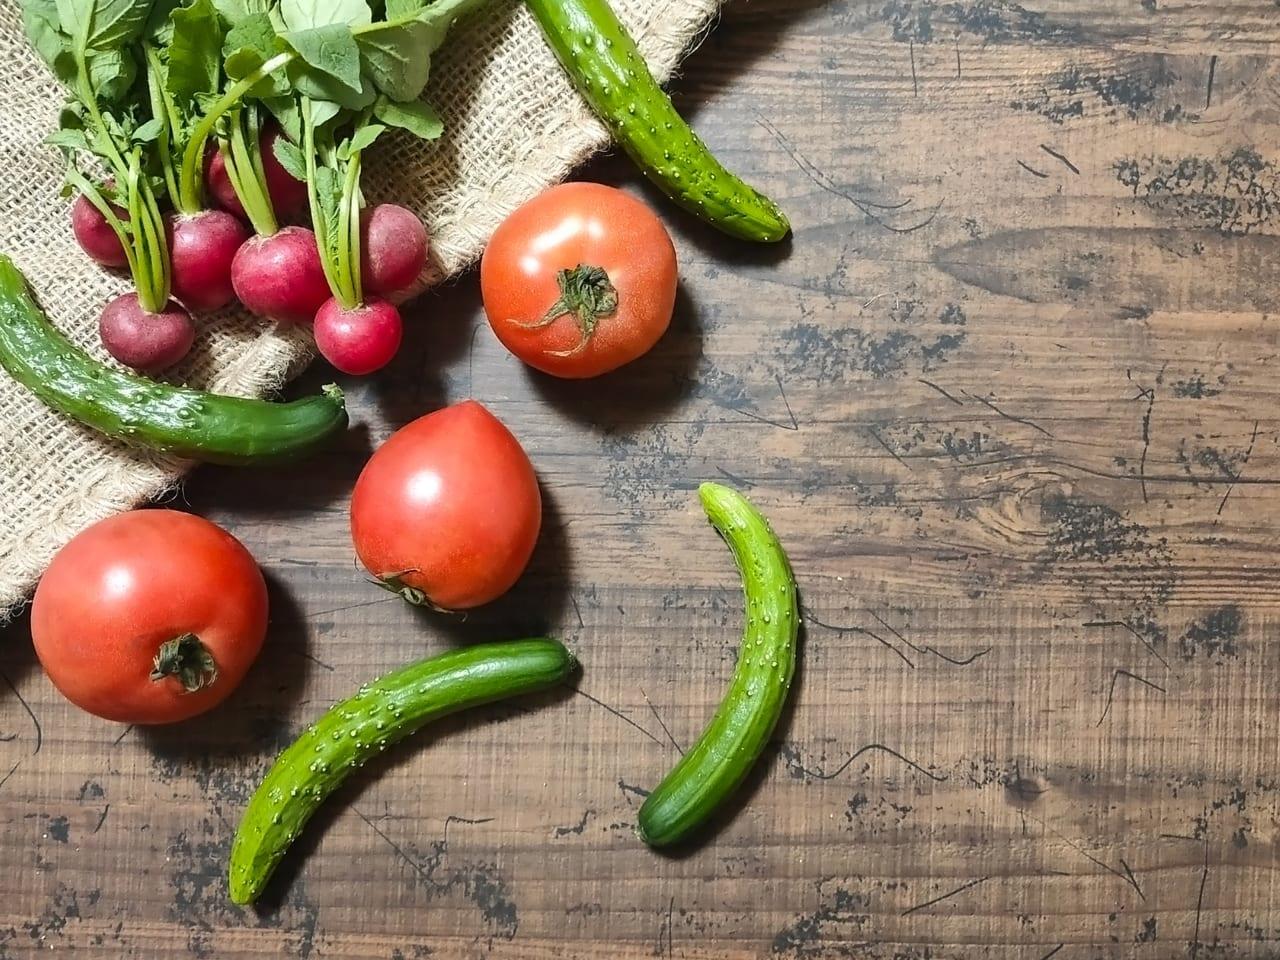 写真ACフリー素材「採れたて野菜のイメージ」